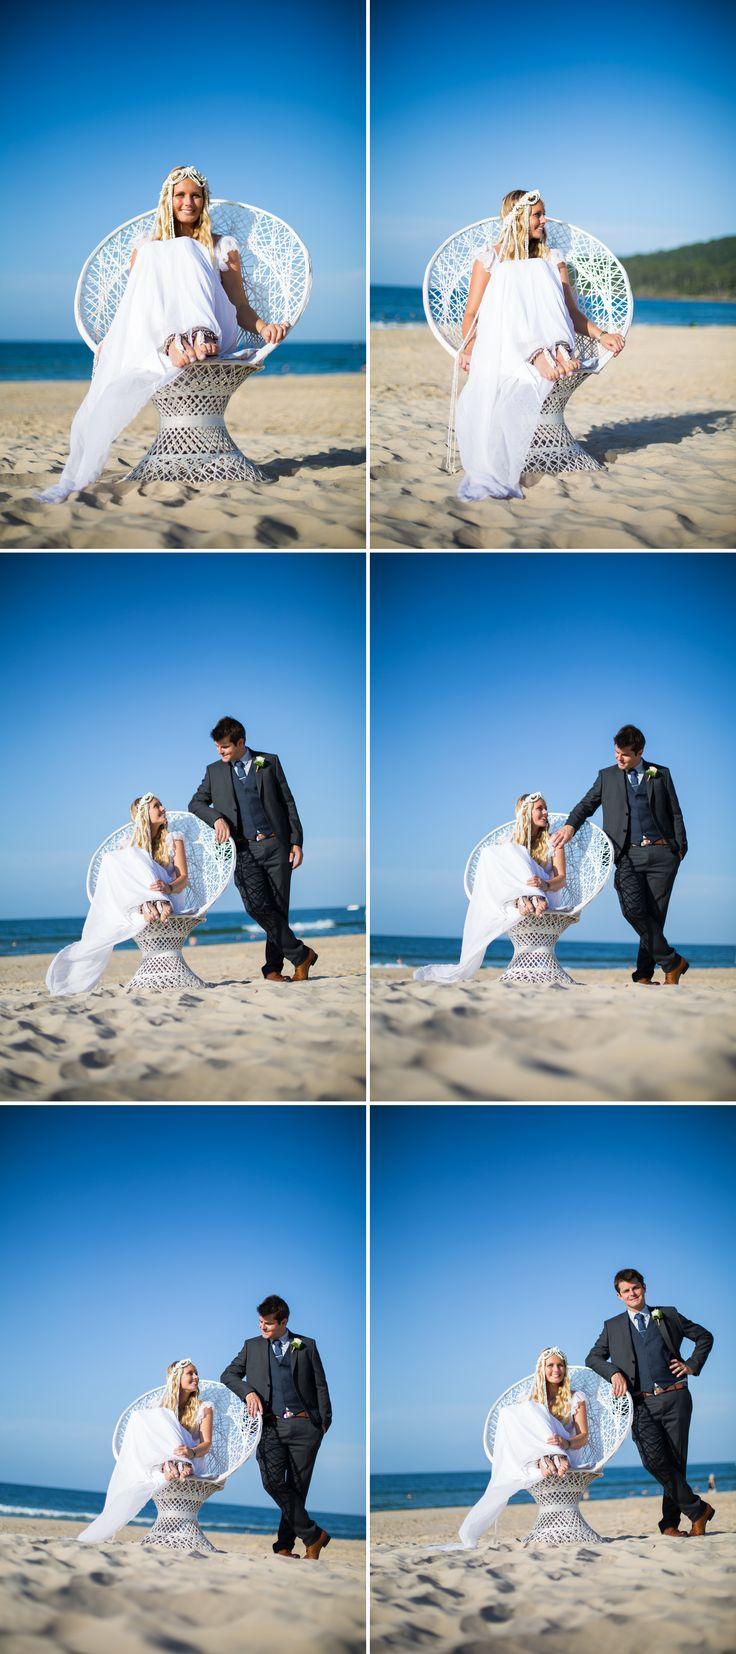 #noosaweddingphotography #noosaweddingphotographer #weddingphotography